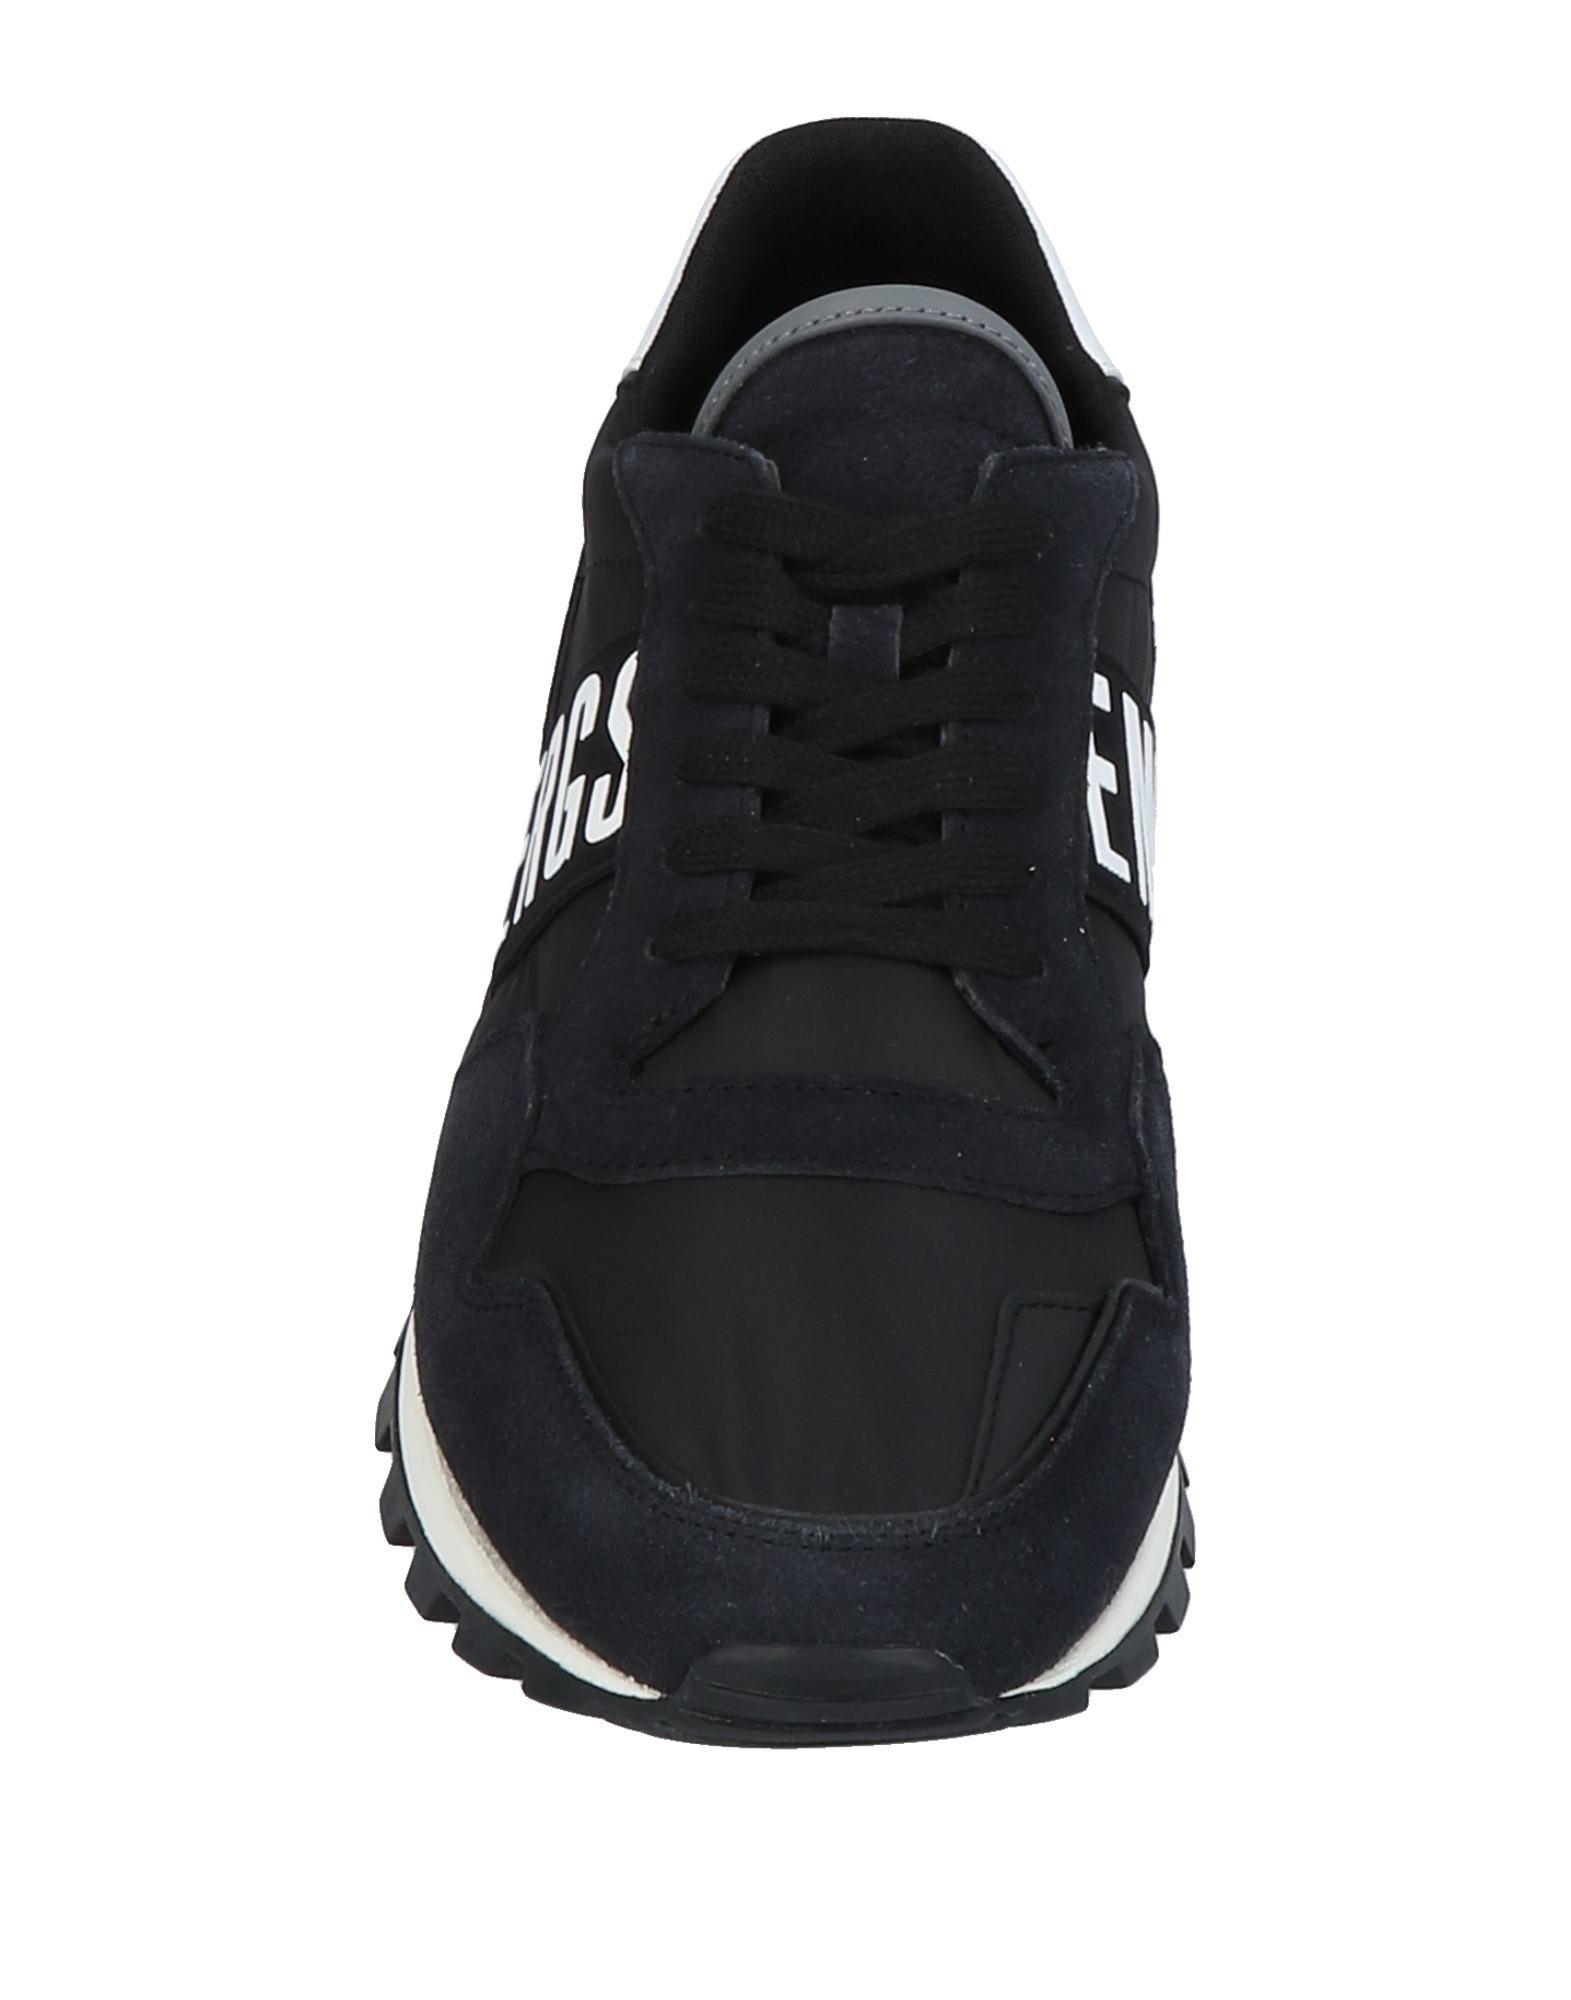 Bikkembergs Sneakers Herren  11450647XC Gute Qualität beliebte Schuhe